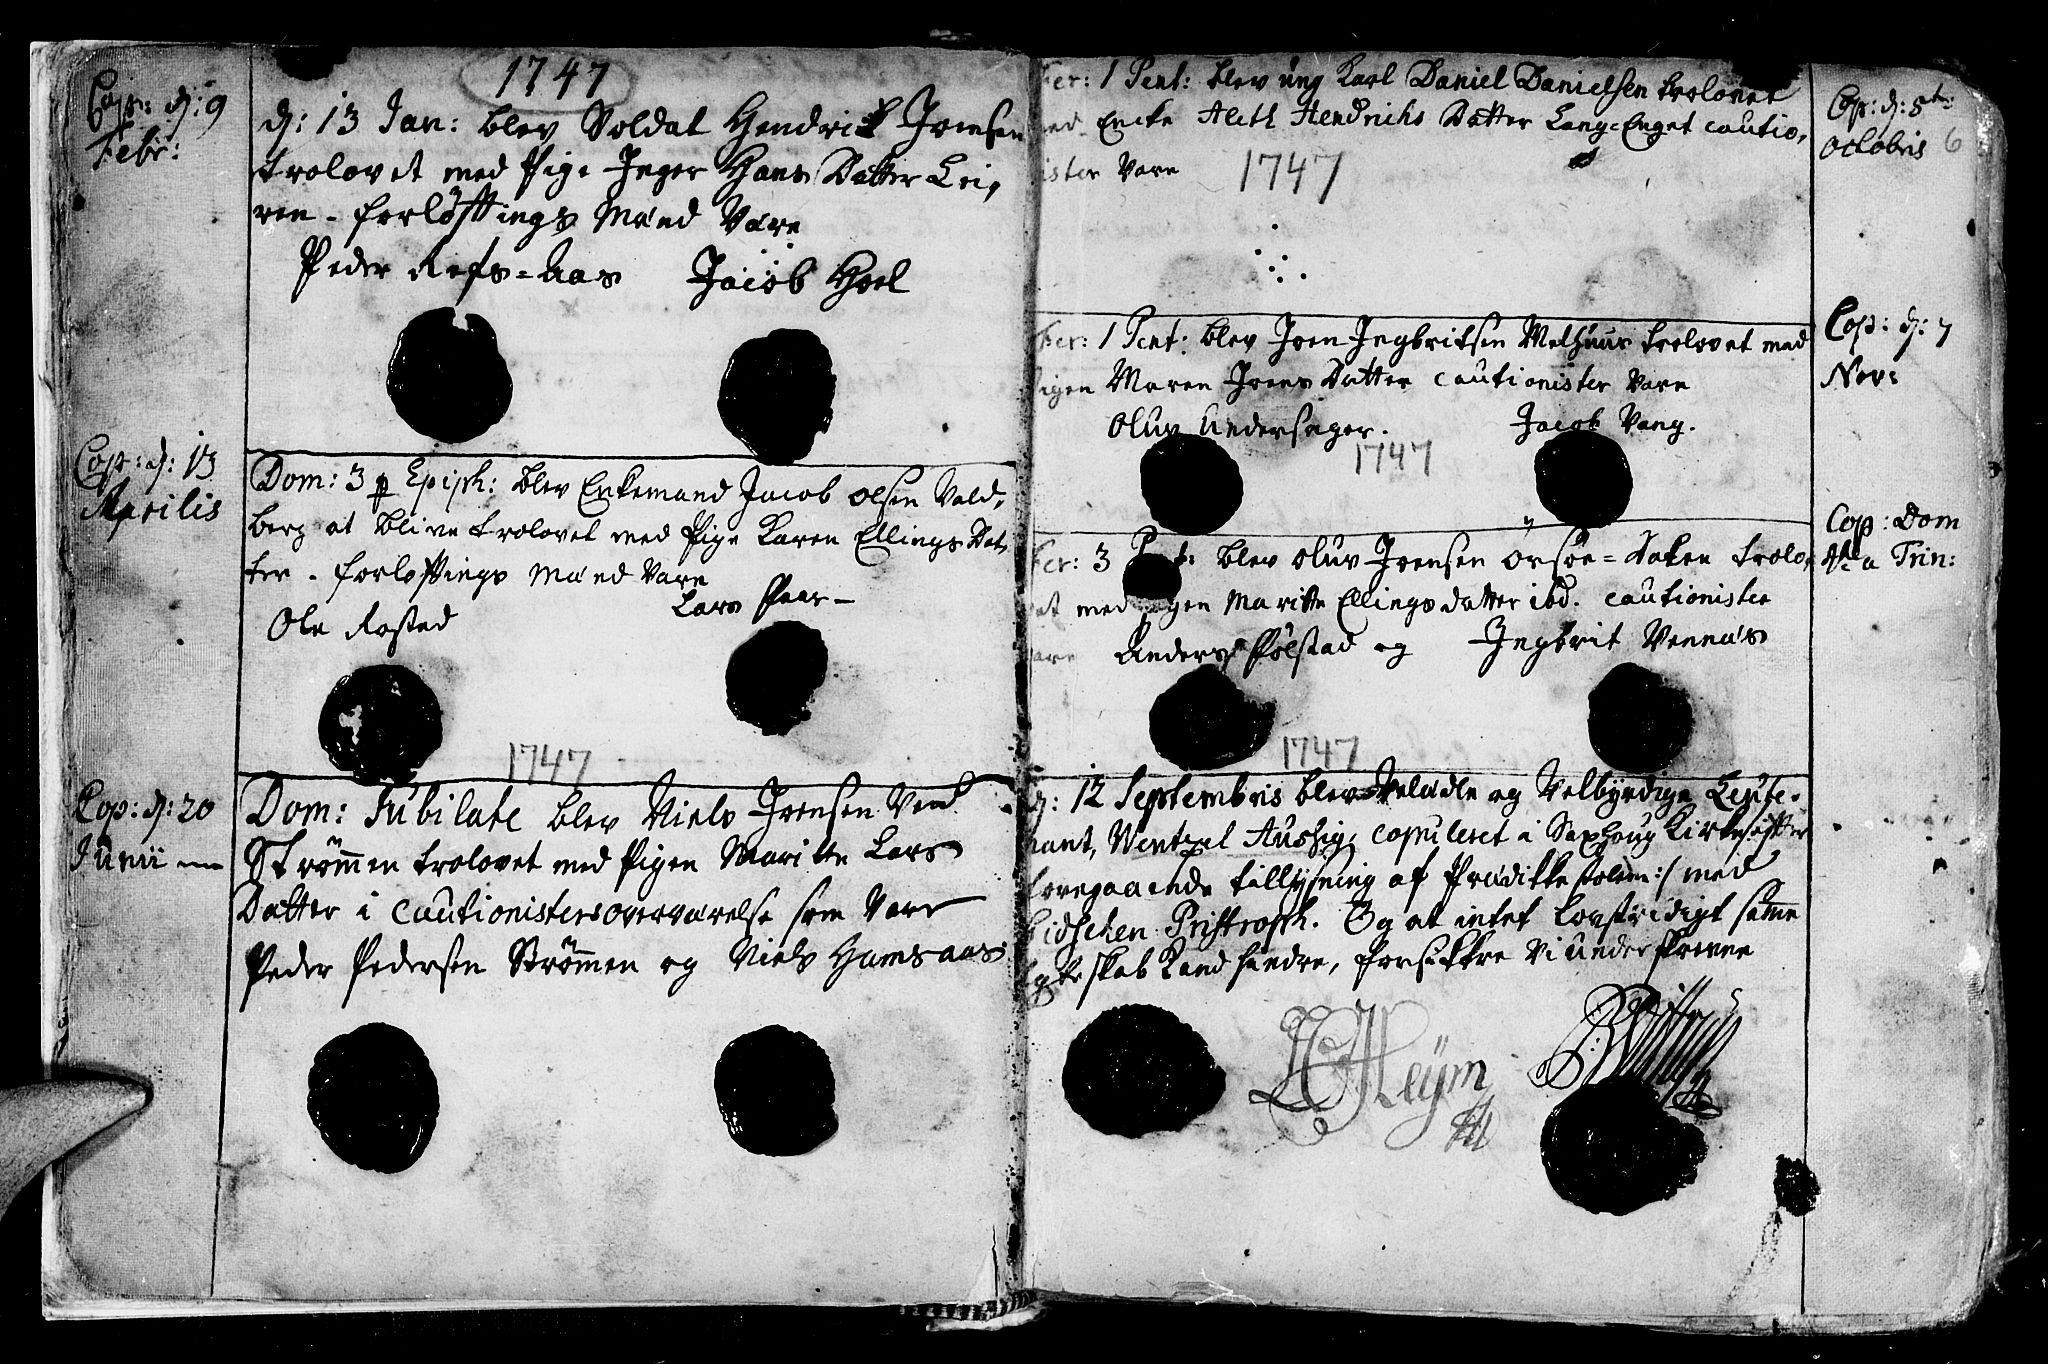 SAT, Ministerialprotokoller, klokkerbøker og fødselsregistre - Nord-Trøndelag, 730/L0272: Ministerialbok nr. 730A01, 1733-1764, s. 6